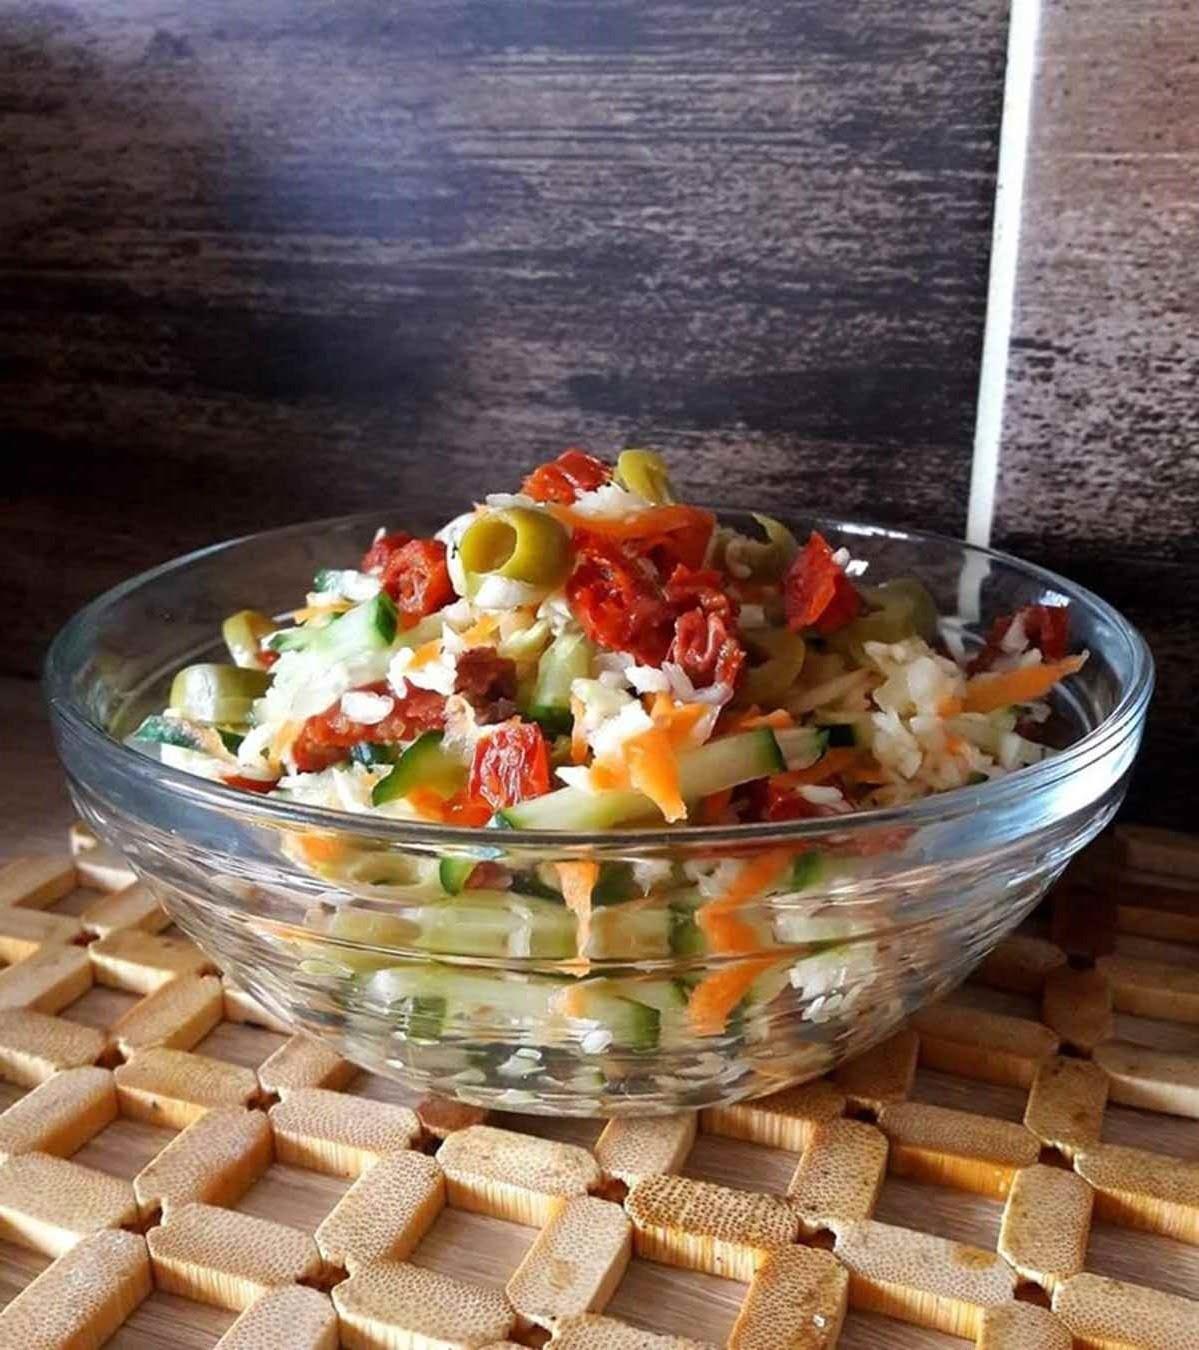 Gaivios kopūstų salotos su cukinija arba agurku (iš sveikos mitybos plano)